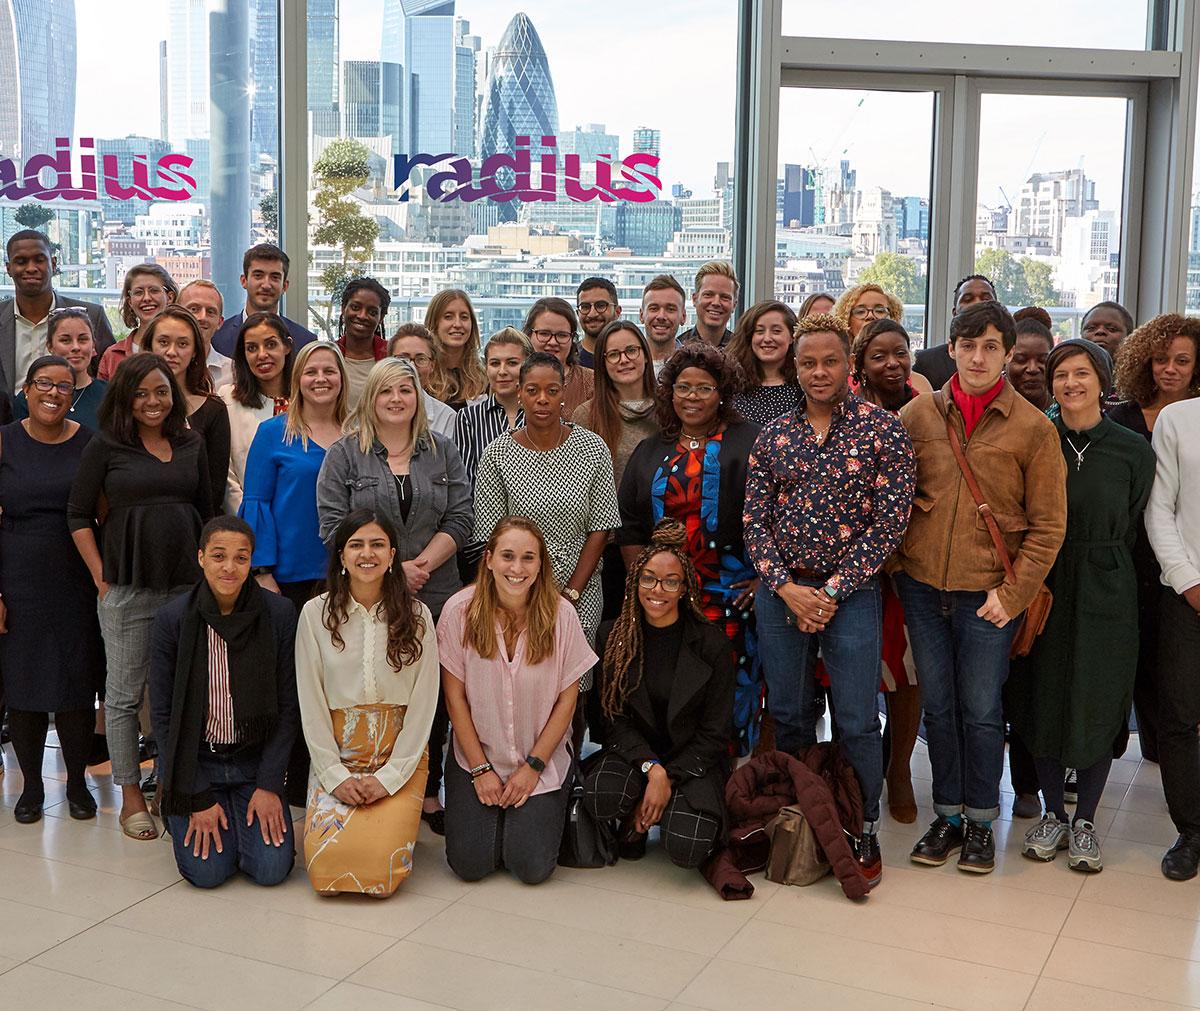 Radius group image